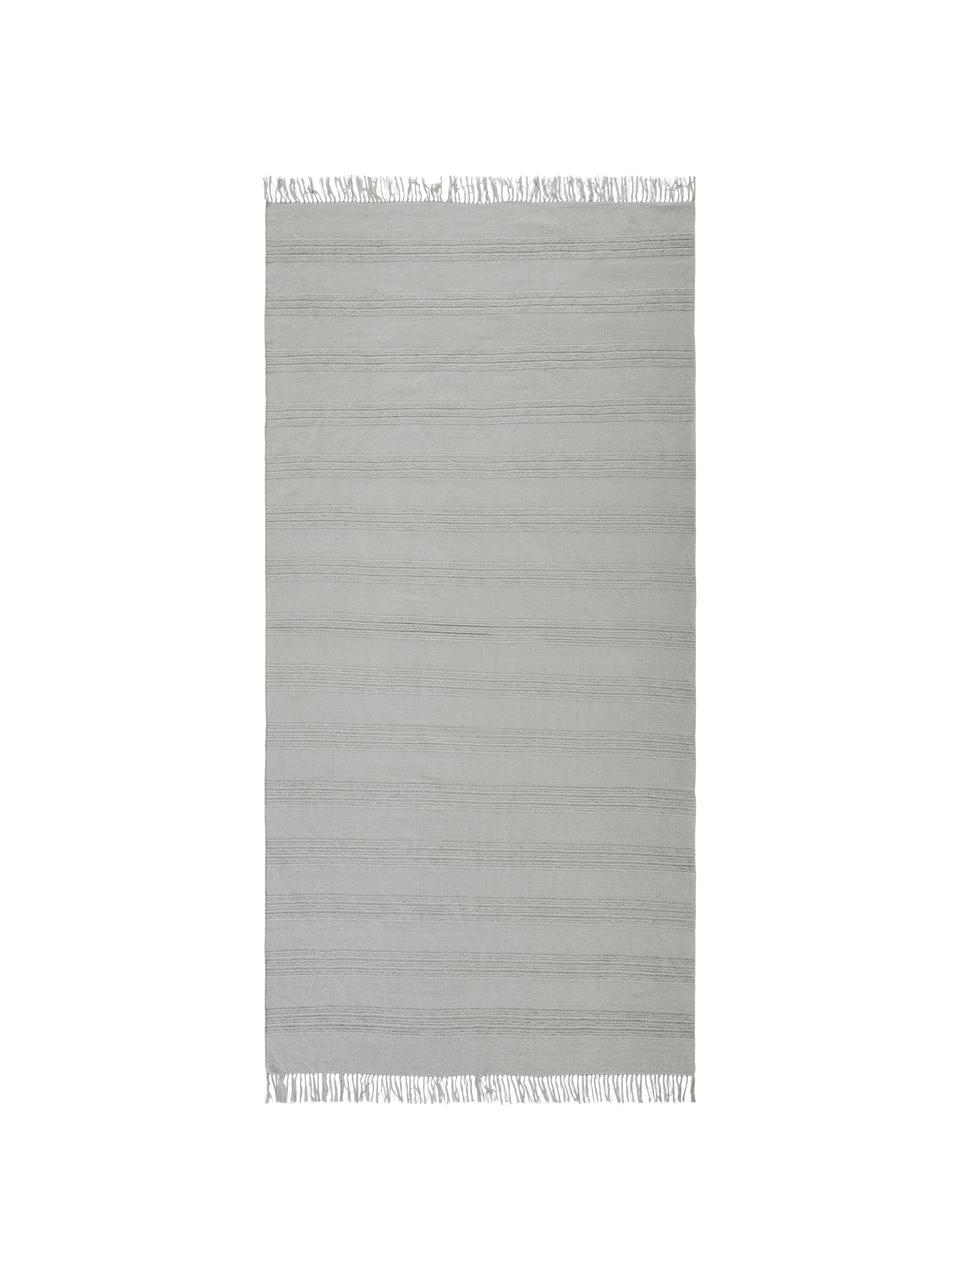 Tappeto boho in cotone a righe con frangeTanya, 100% cotone, Grigio chiaro, Larg. 200 x Lung. 300 cm (taglia L)